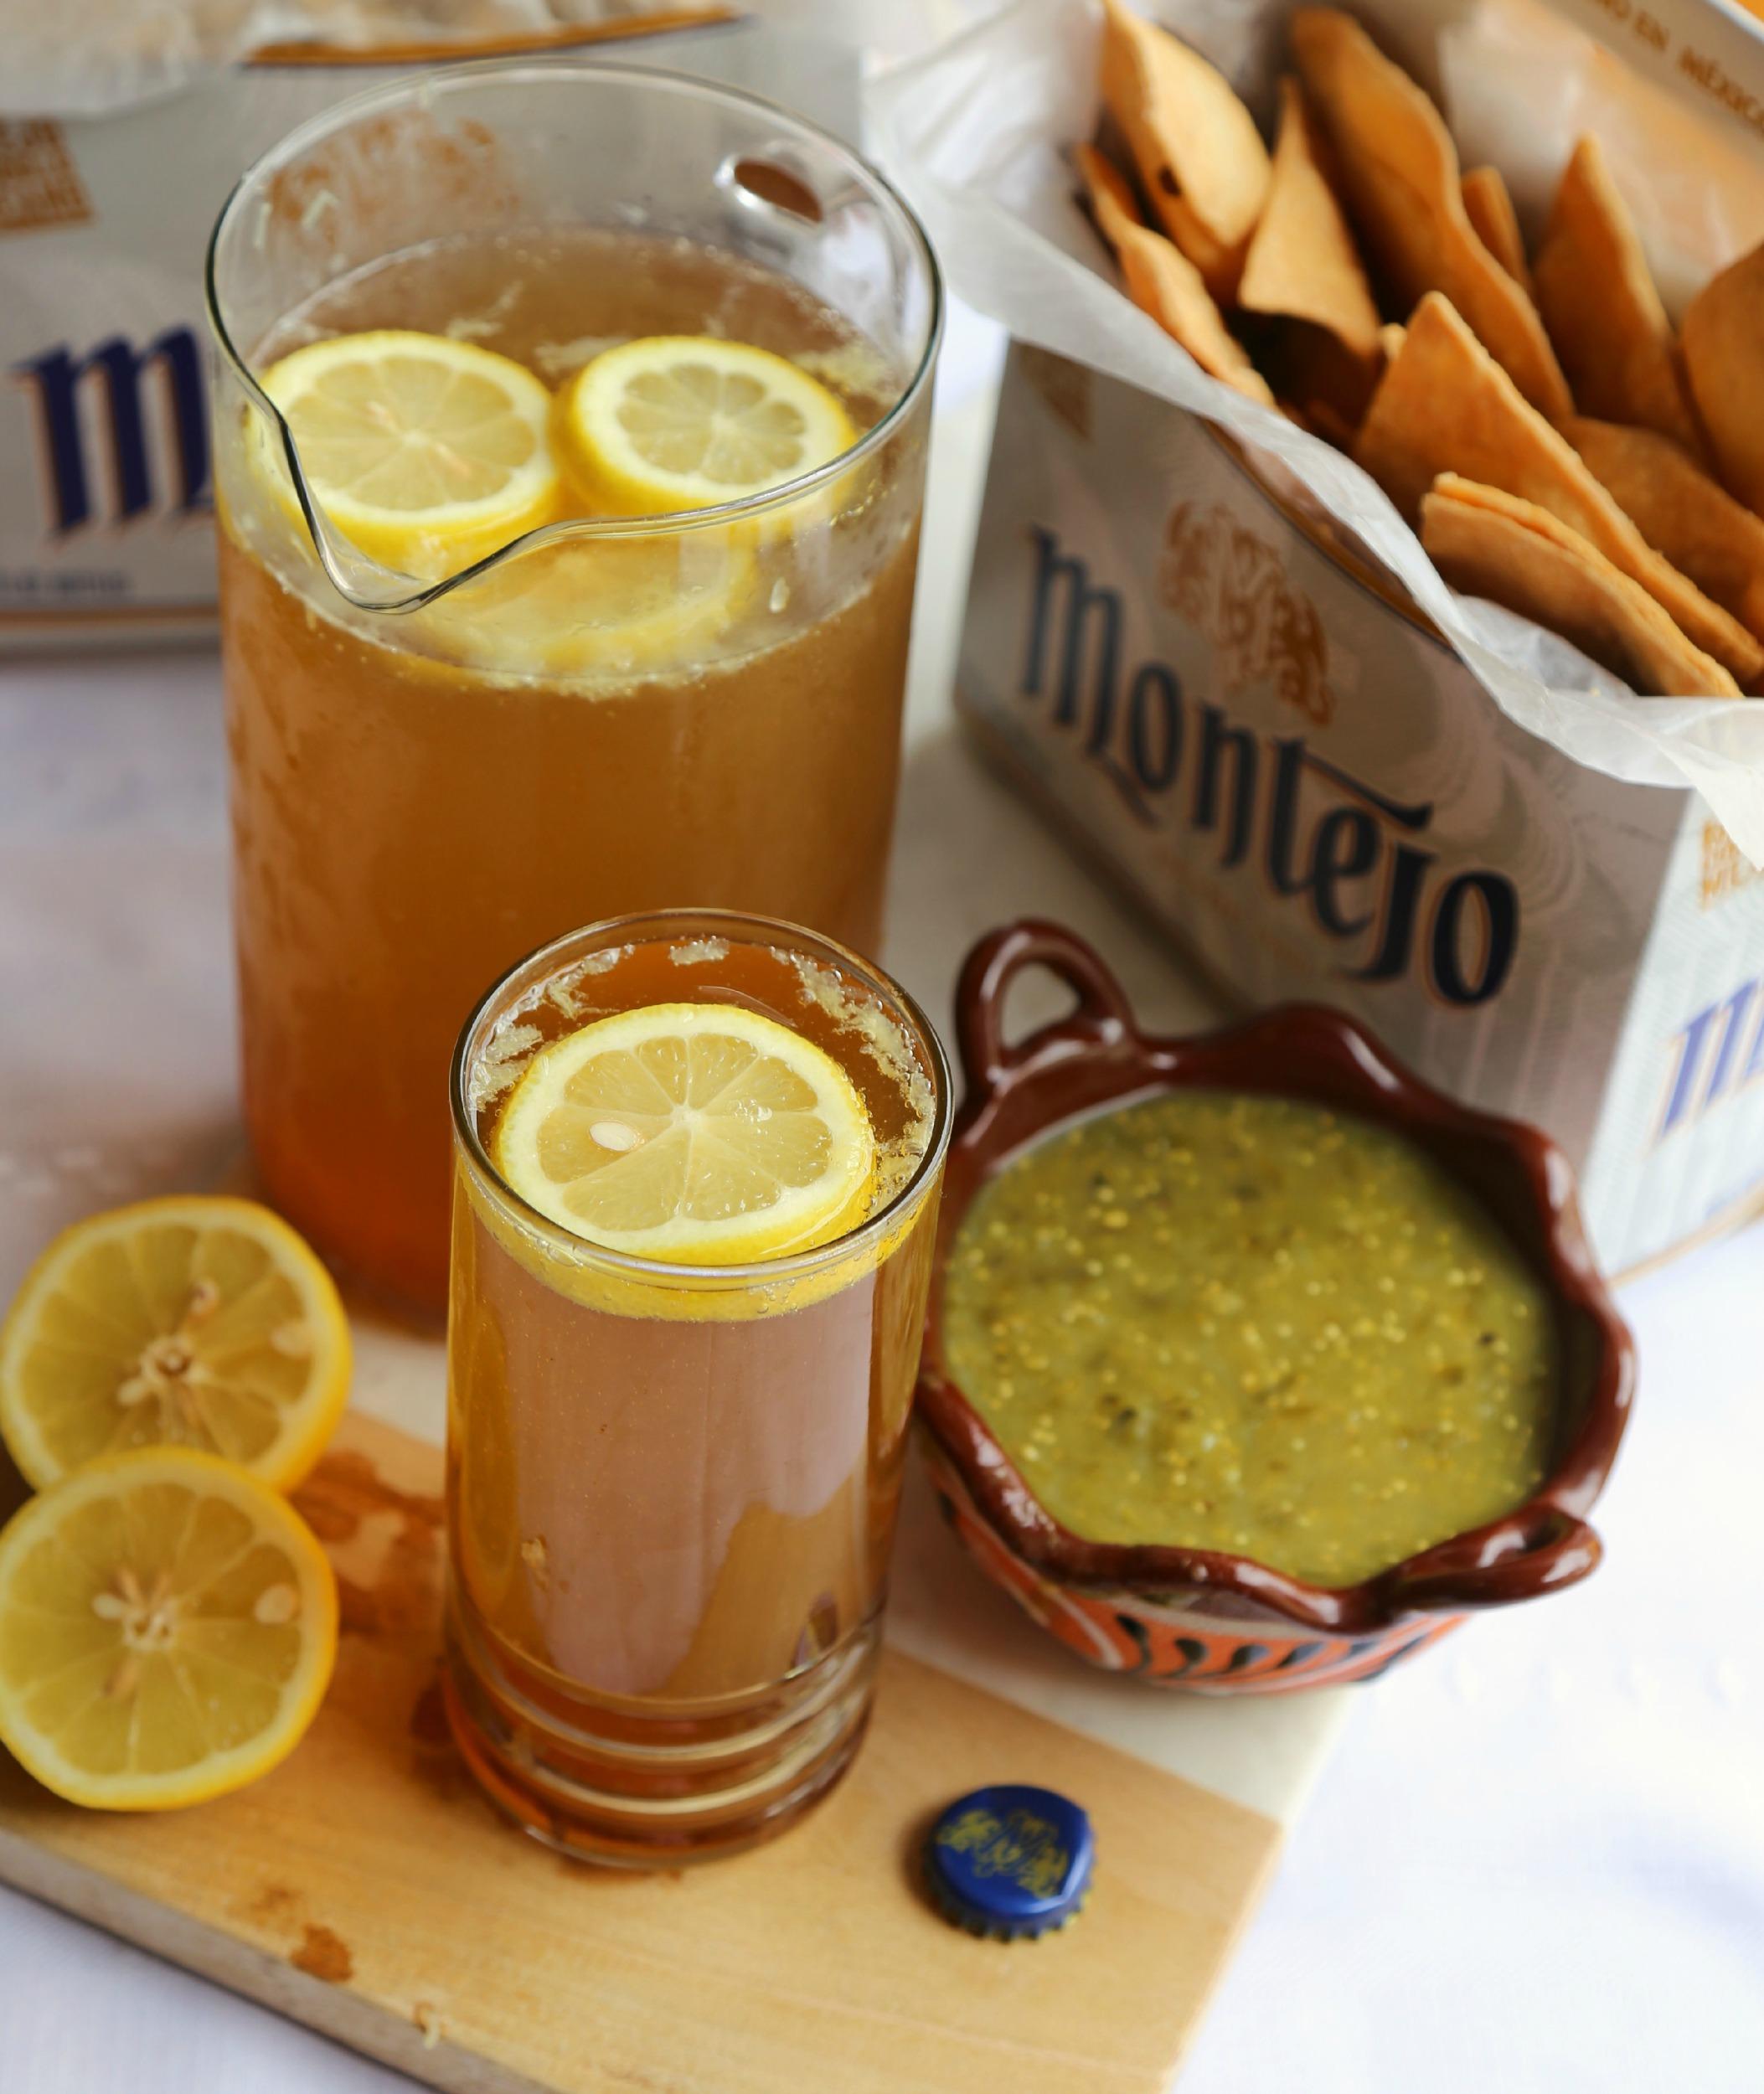 tamarind-lemonade-shandy-recipe-VianneyRodriguez-sweetlifebake-beercocktail